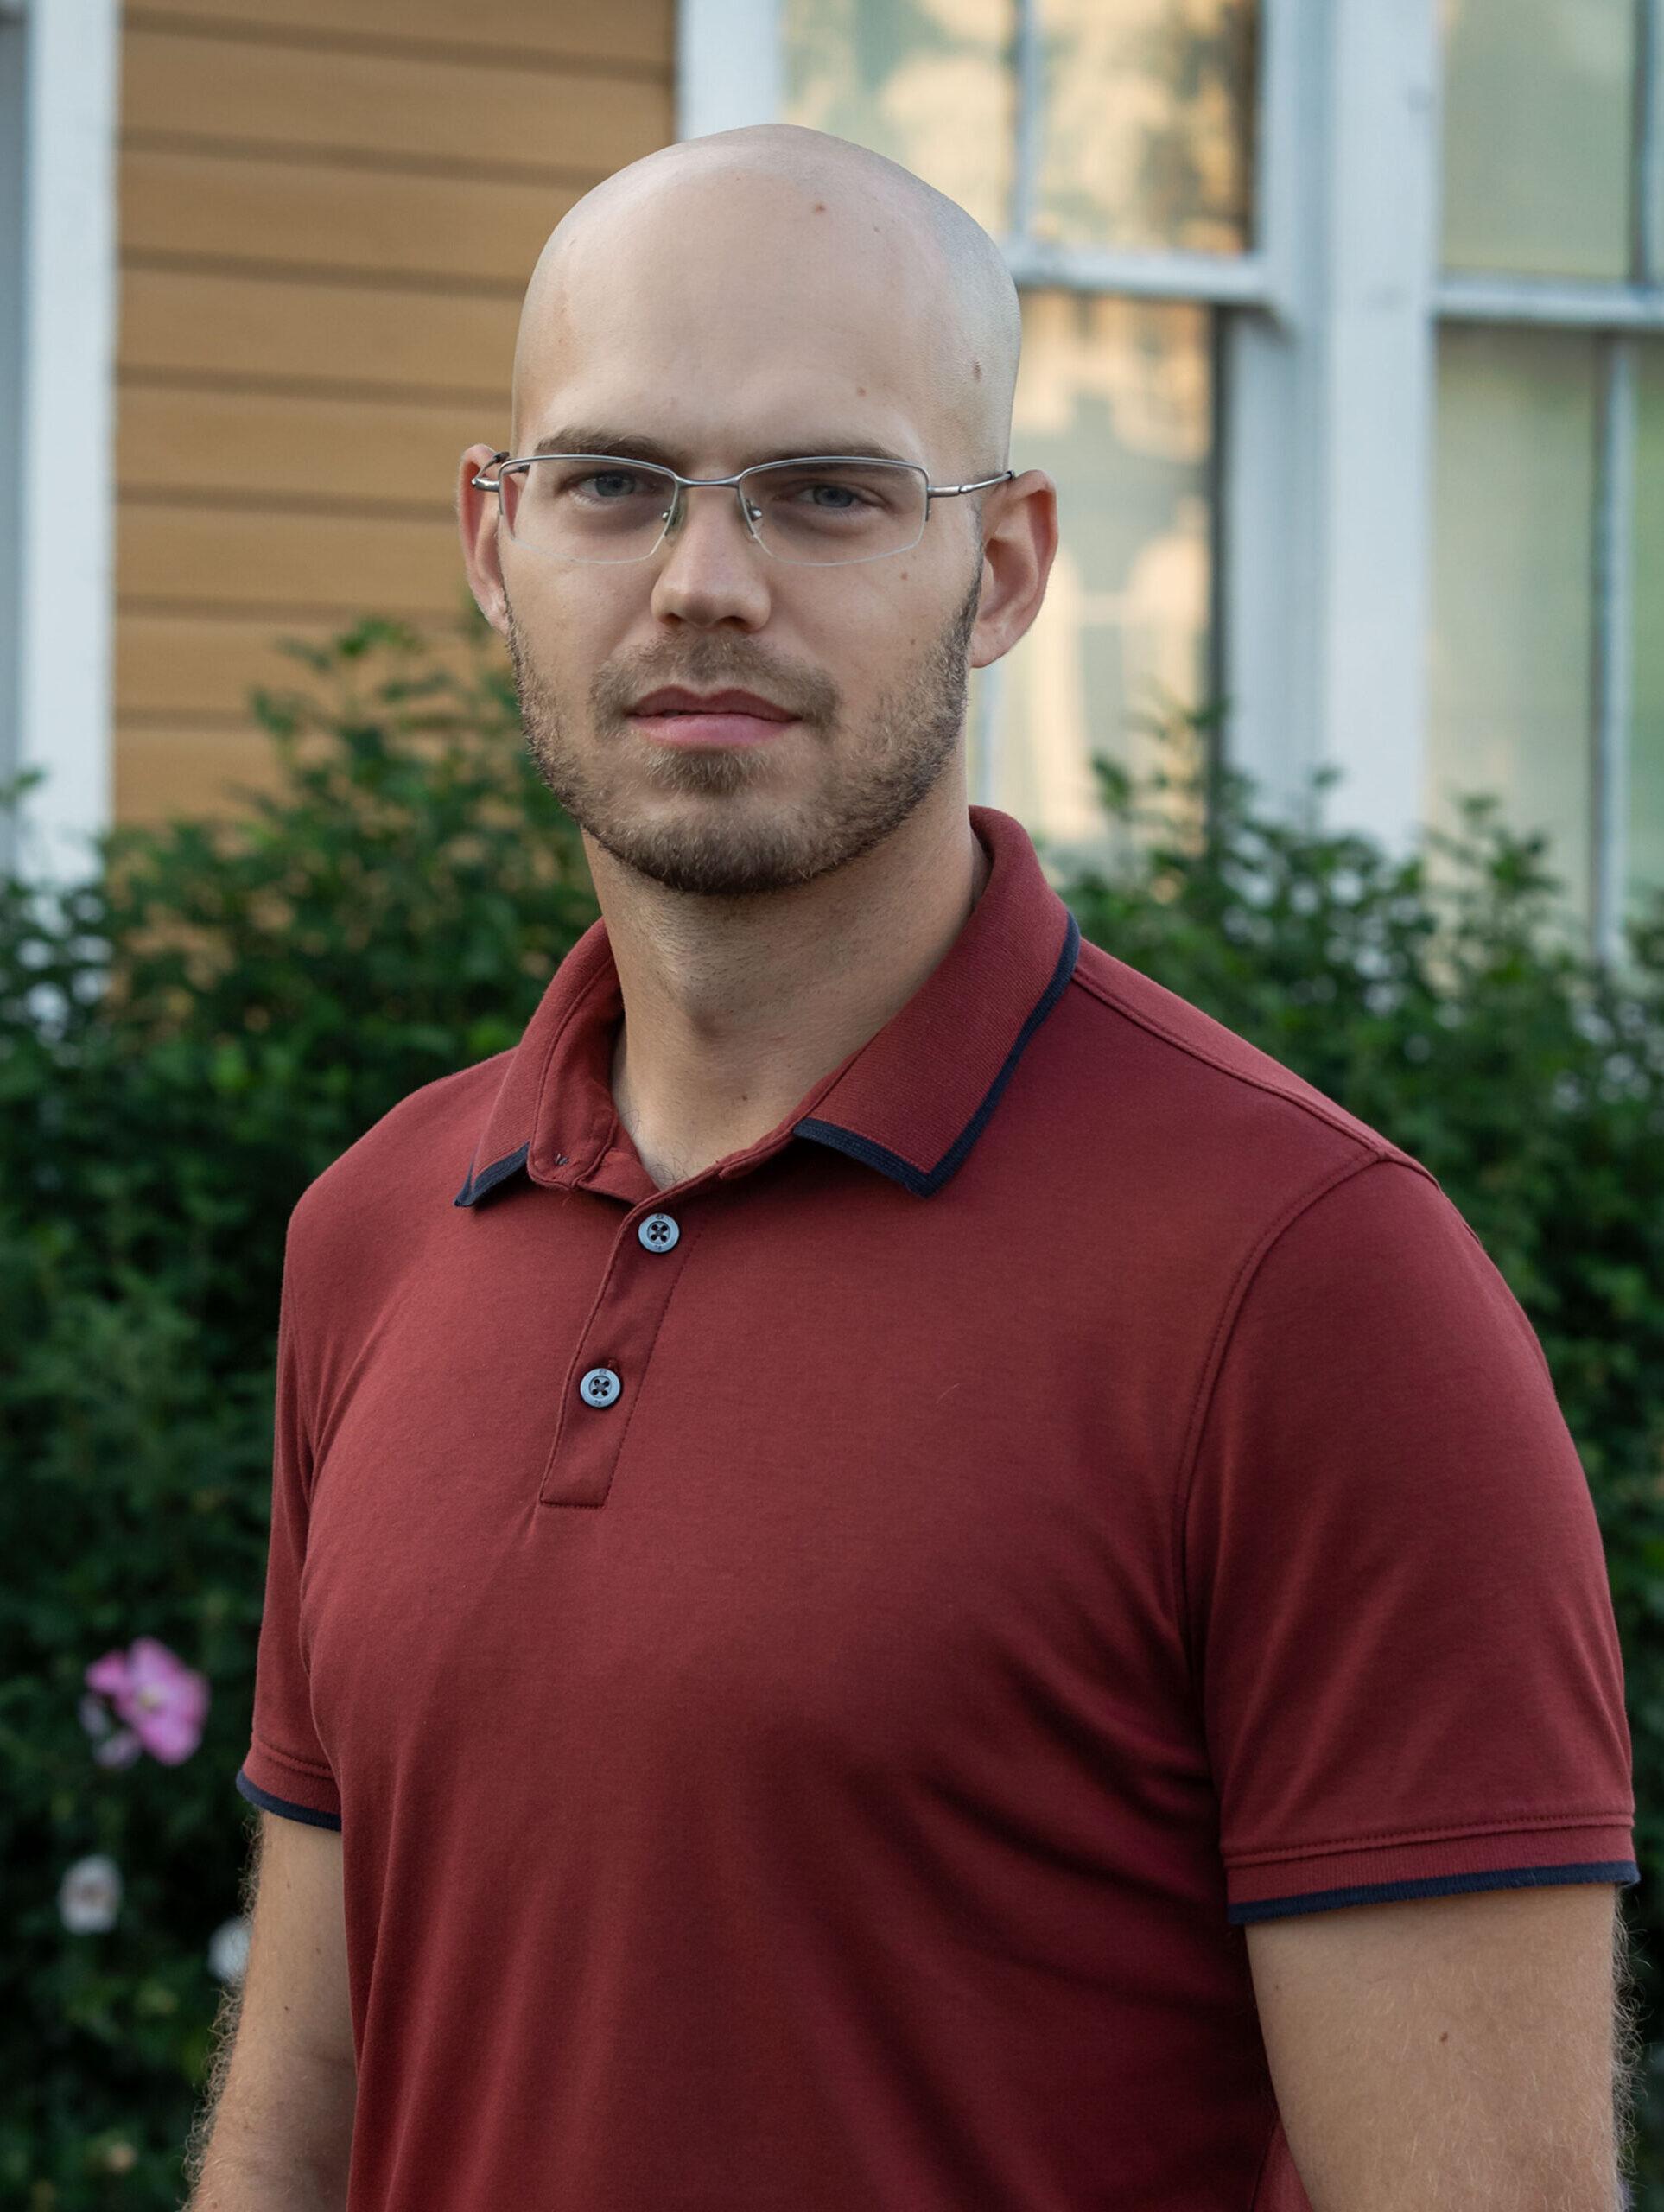 Daniel Fennell : Land Surveyor Technician